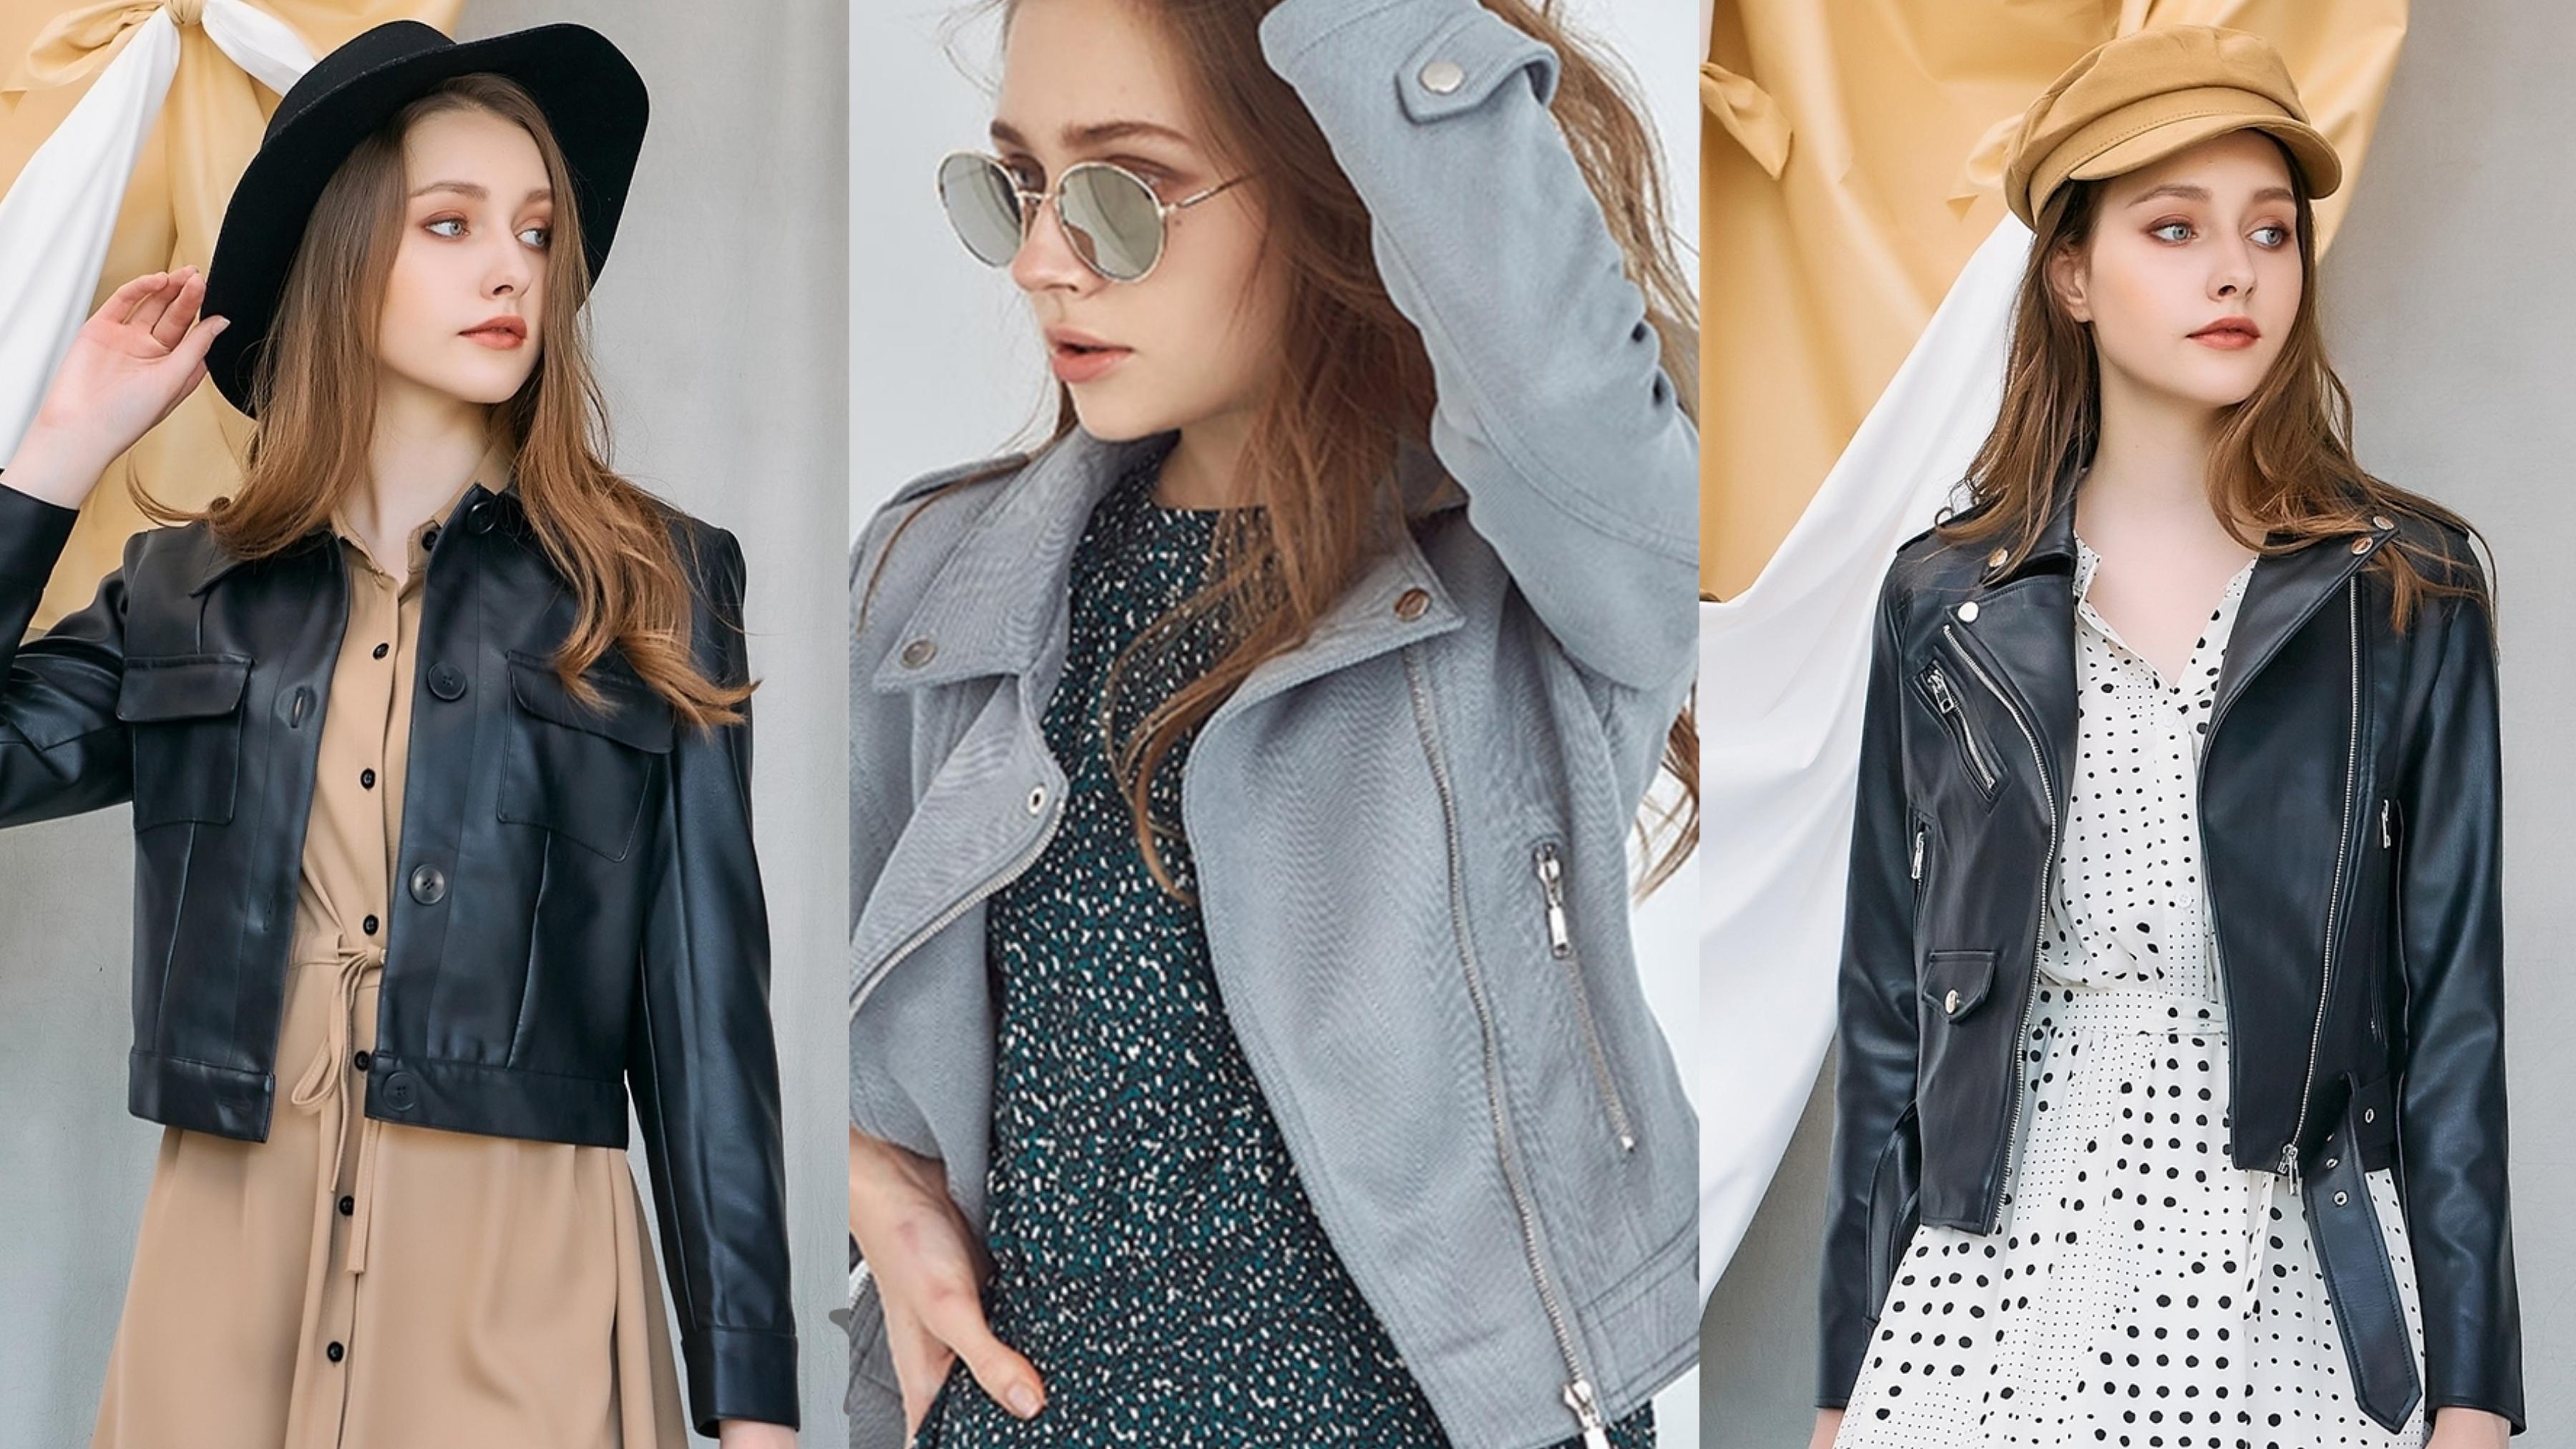 穿上時髦帥氣的合身外套,短版設計更能修飾身形